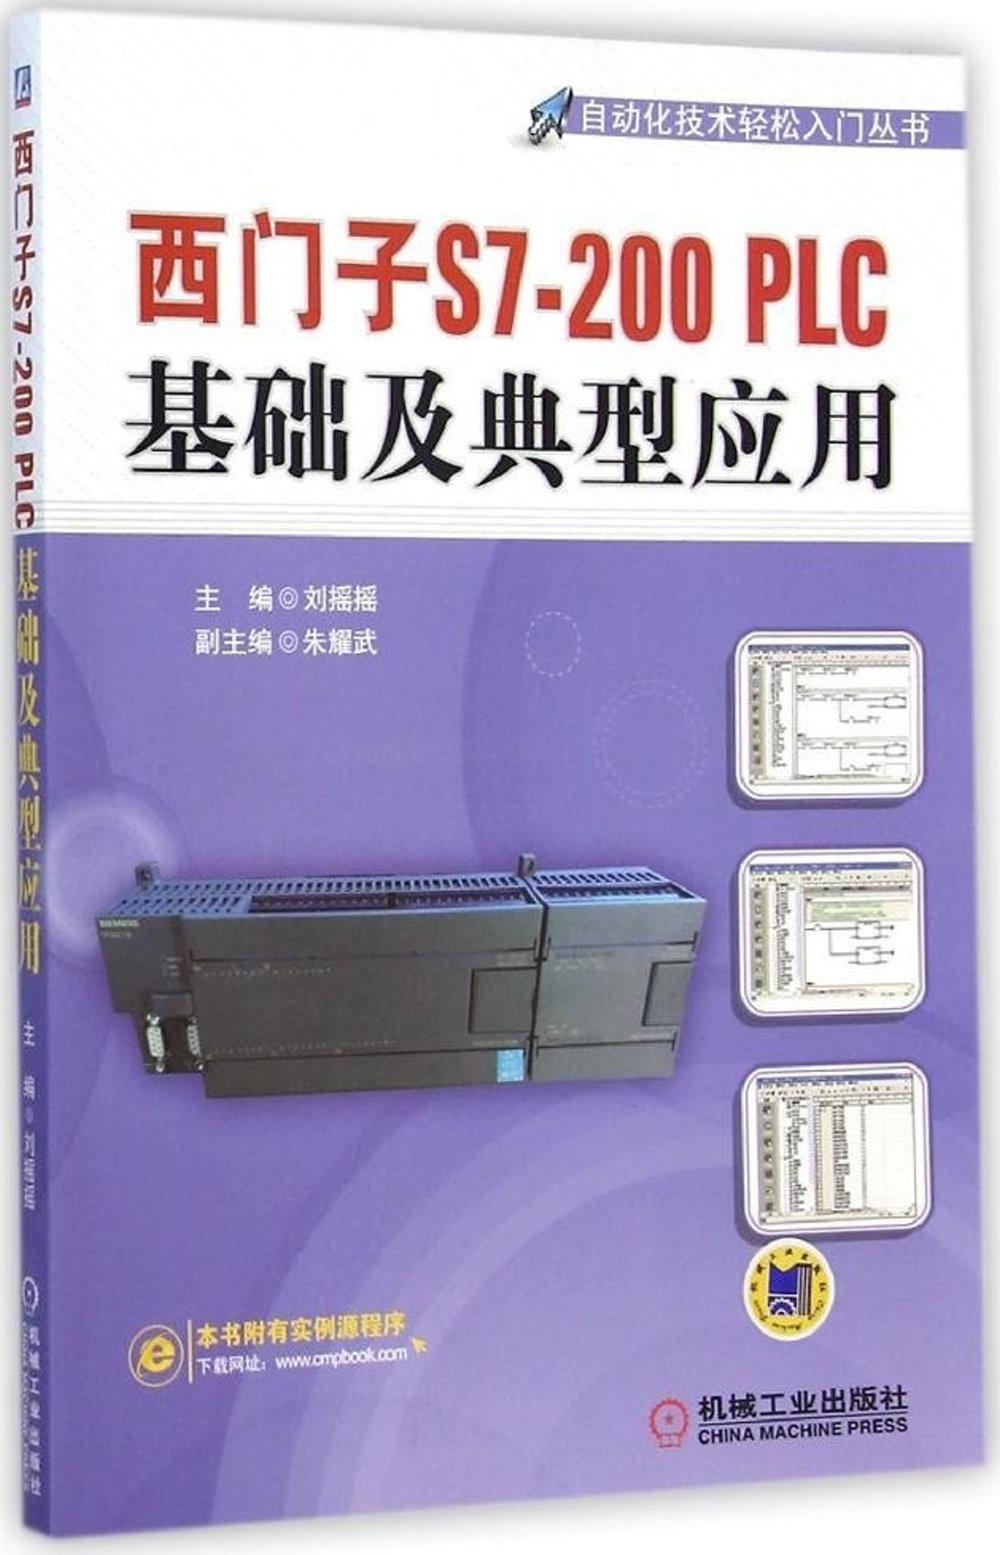 西門子S7~200 PLC基礎及典型應用